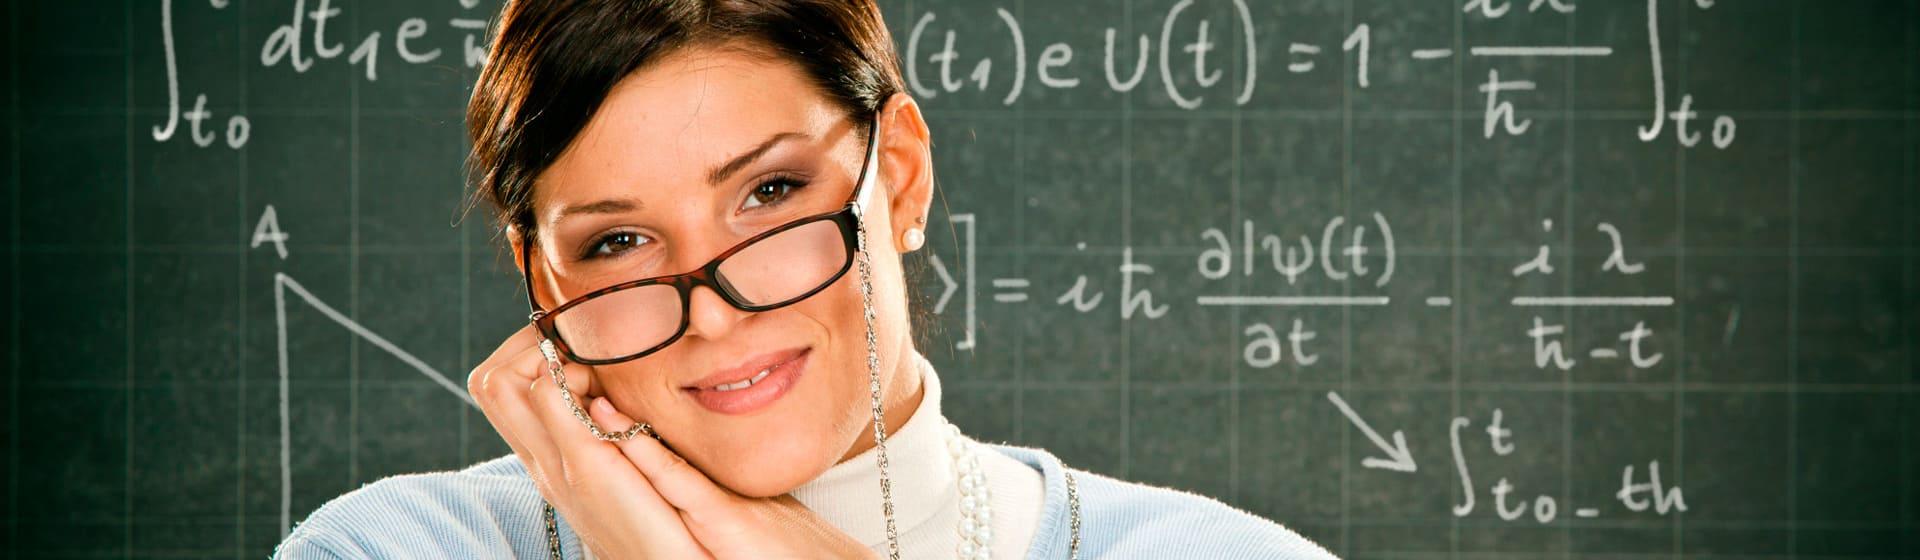 Учитель - Мерч и одежда с атрибутикой